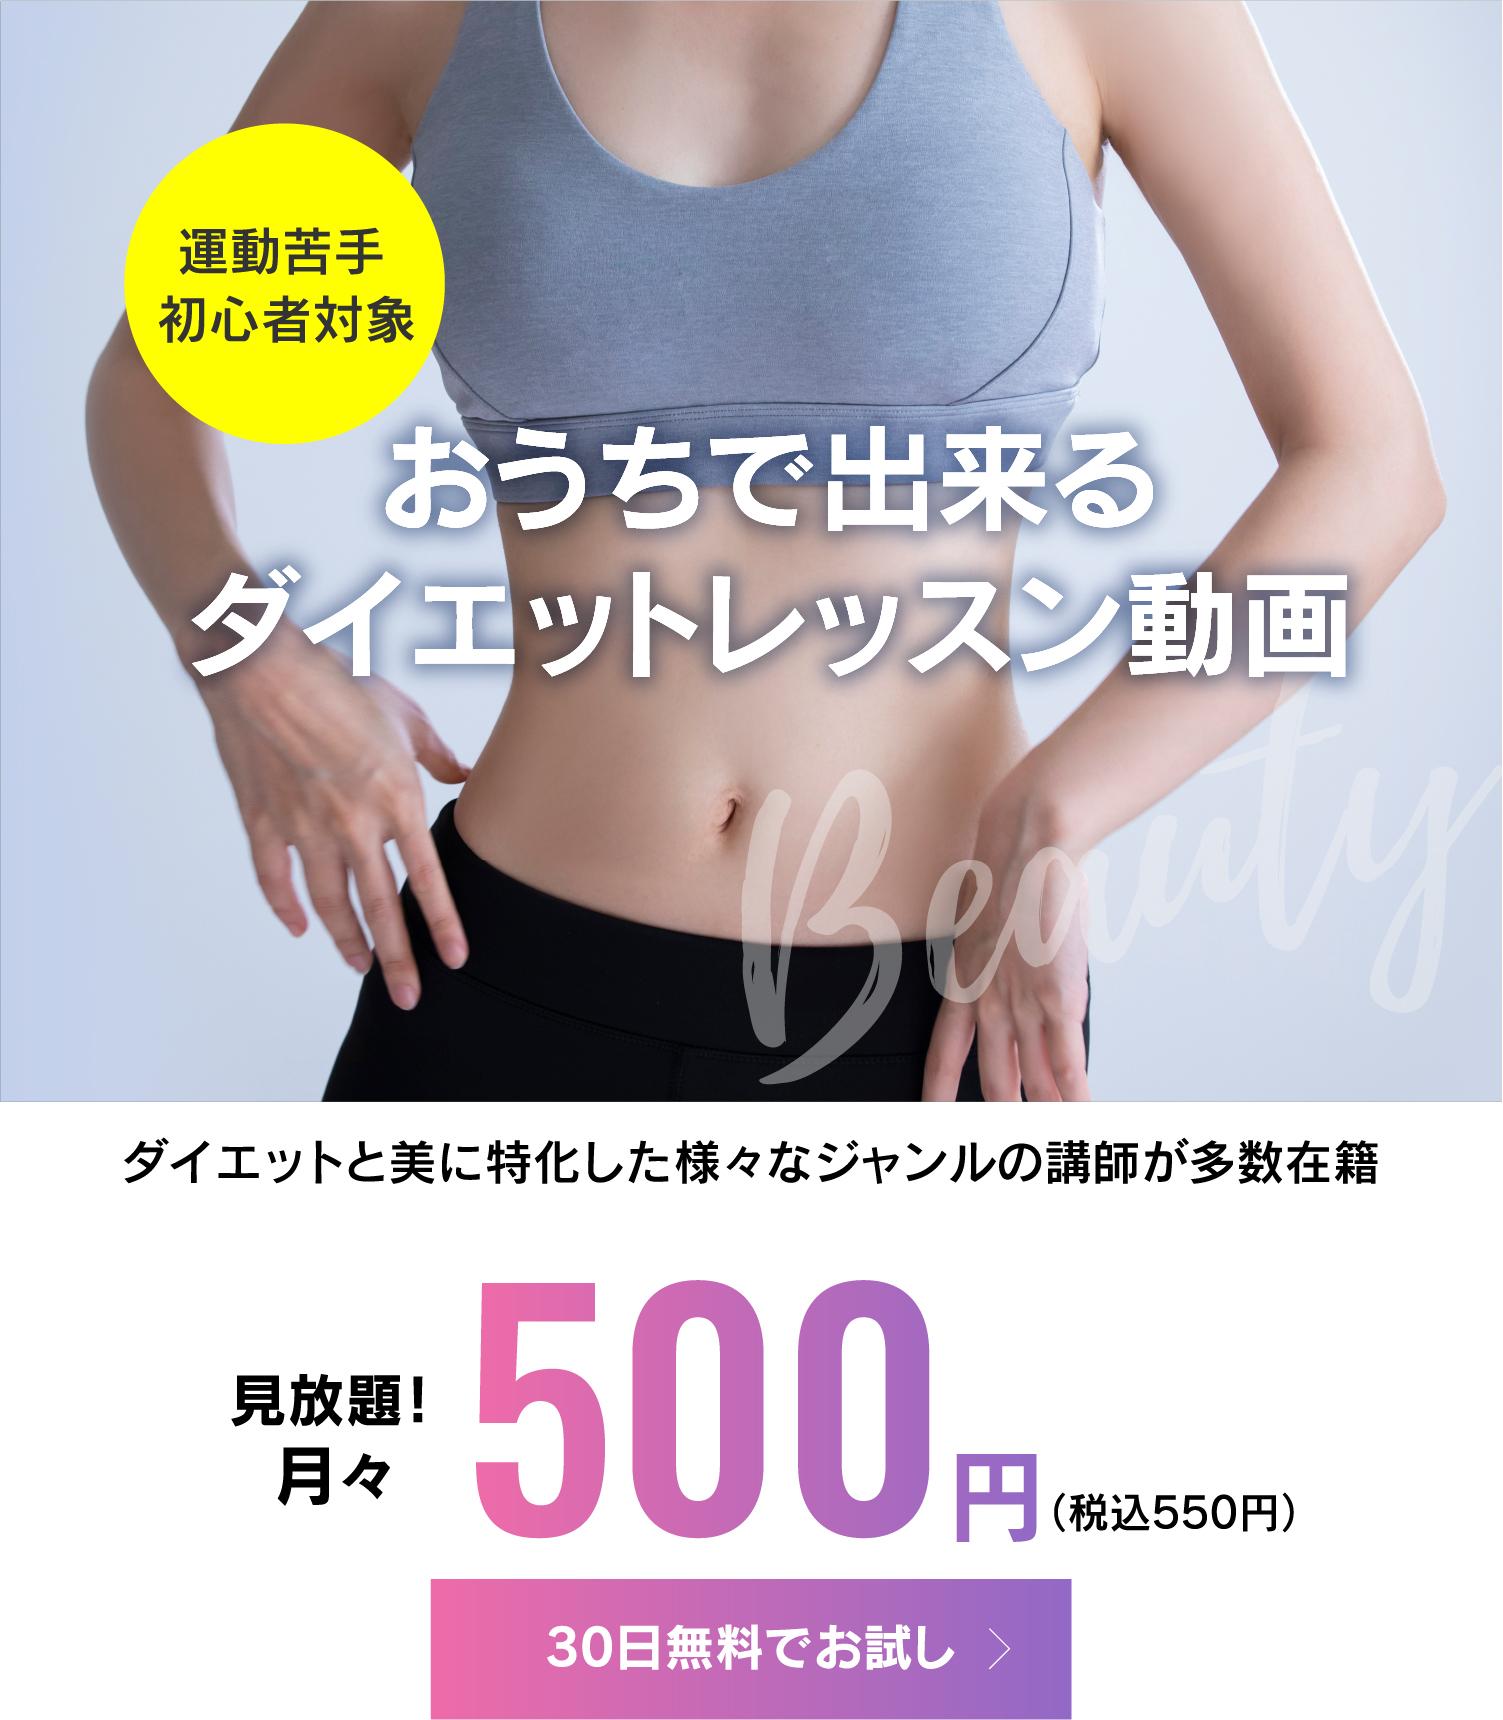 おうちで出来る ダイエットレッスン動画 月々500円 見放題